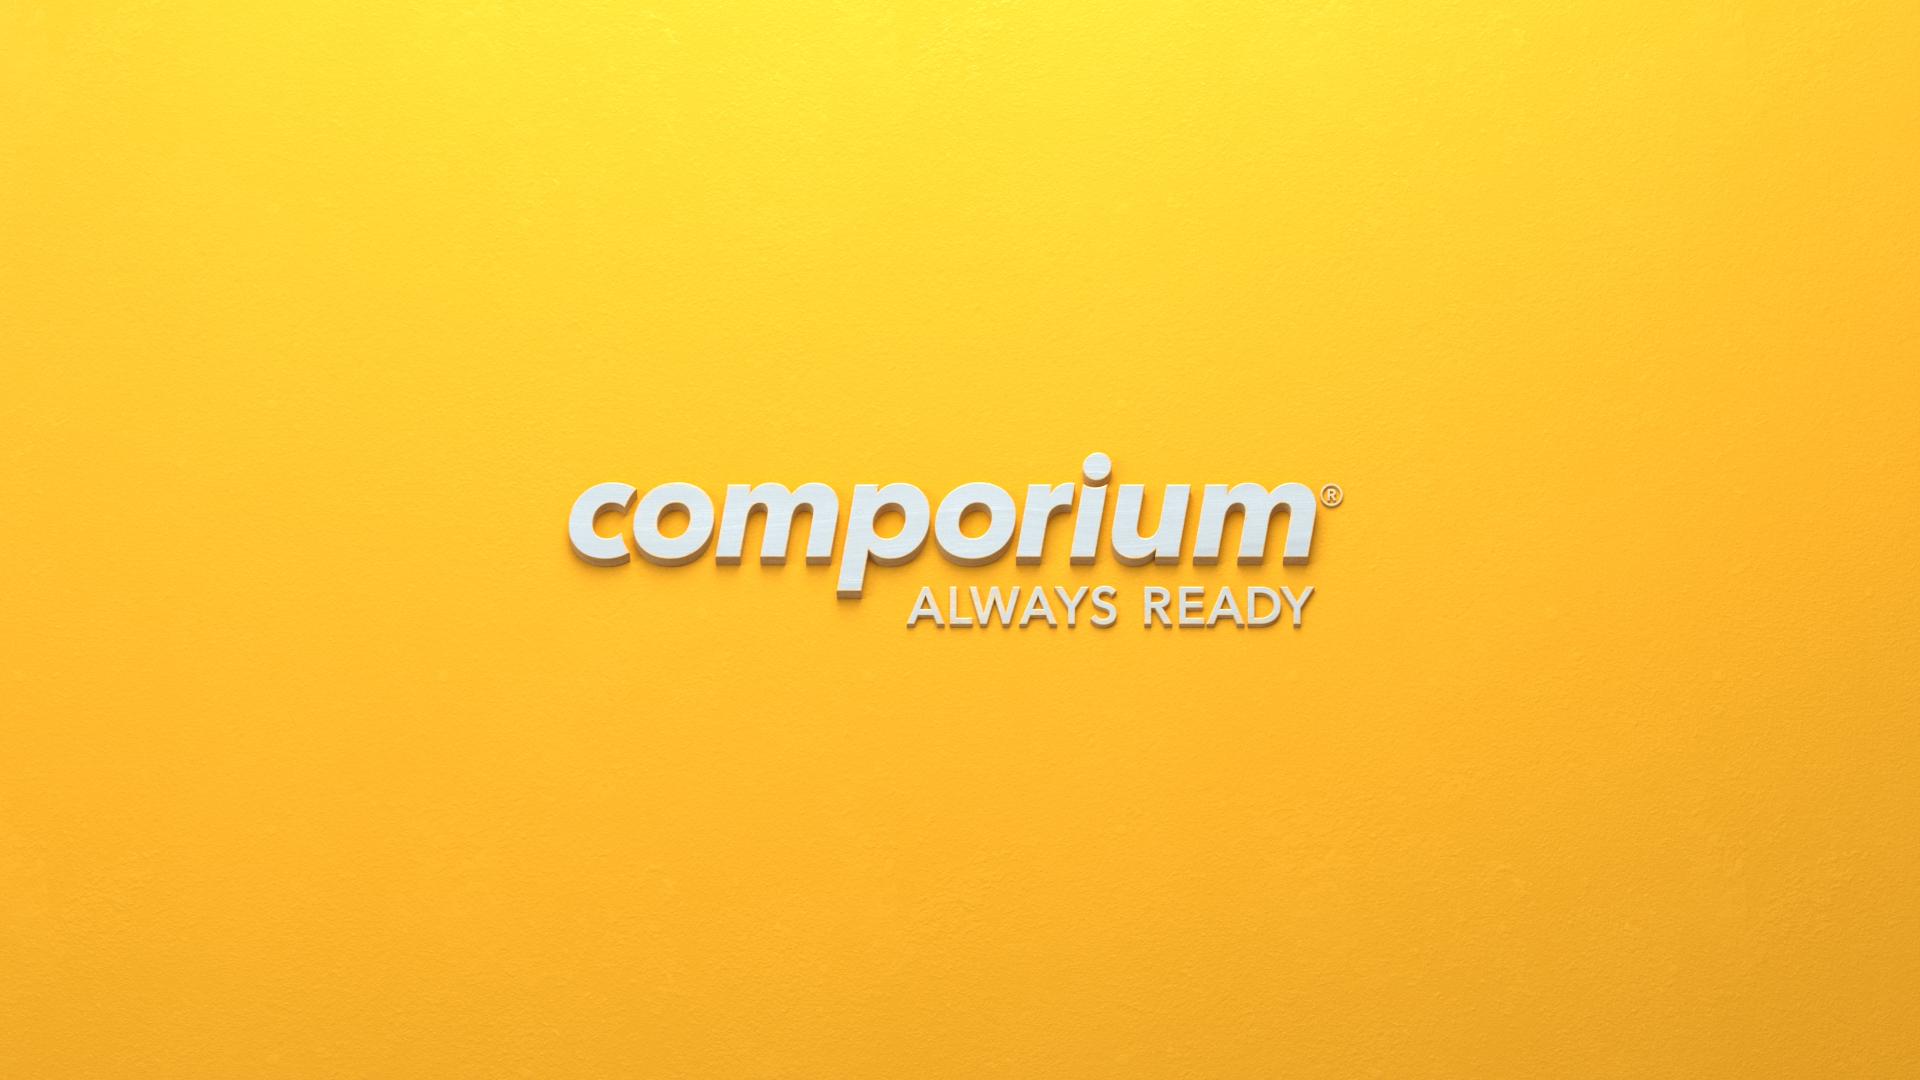 Comporium_RKS867.jpg